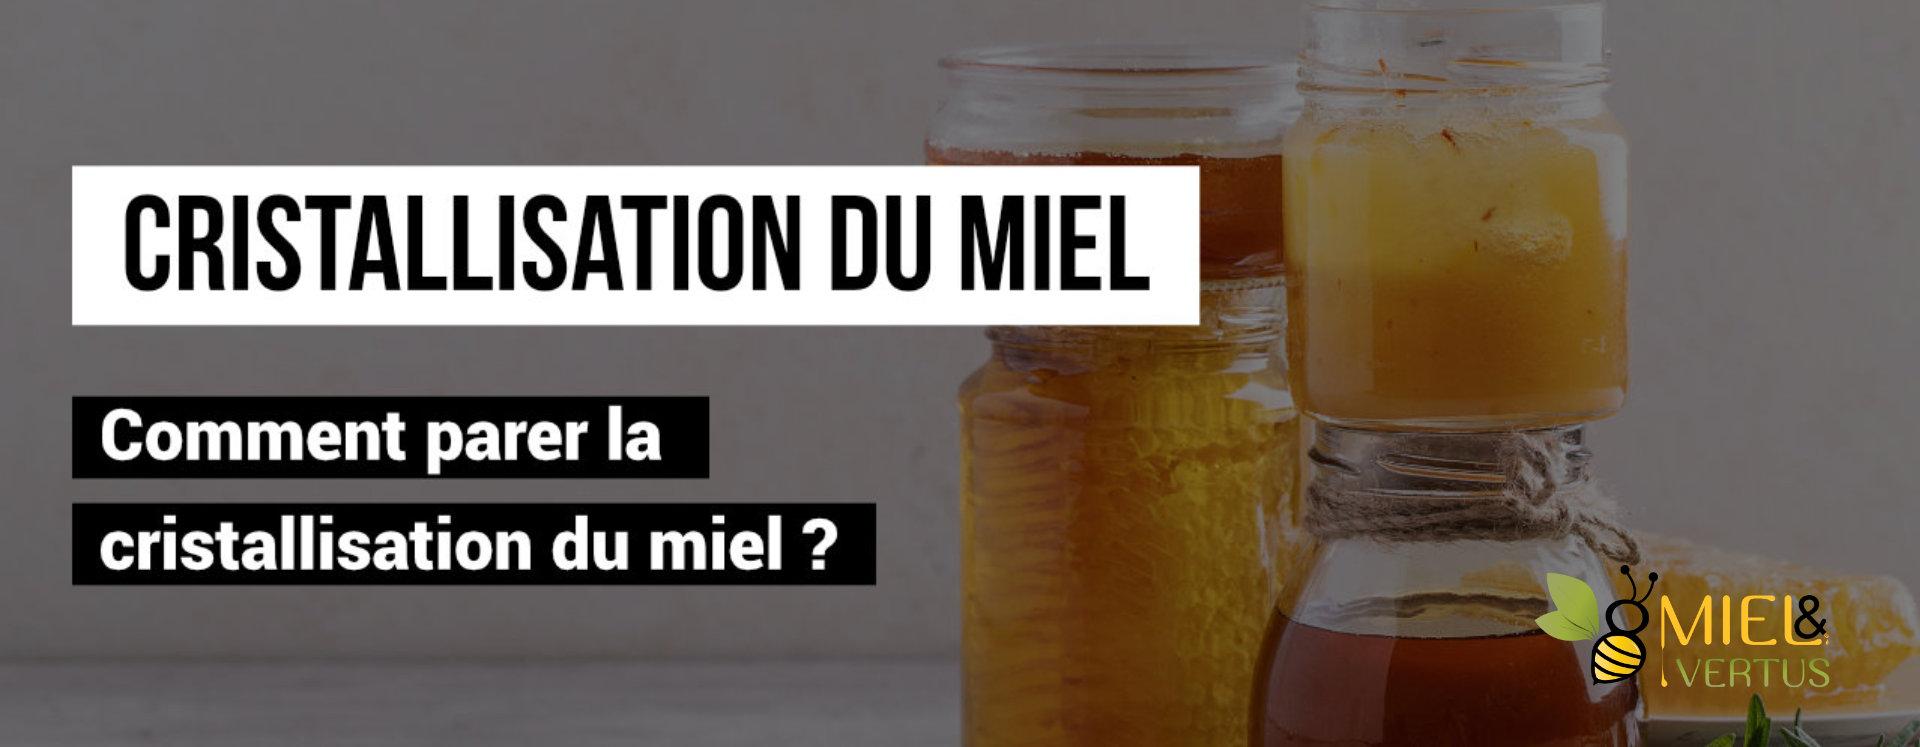 comment-parer-cristallisation-miel